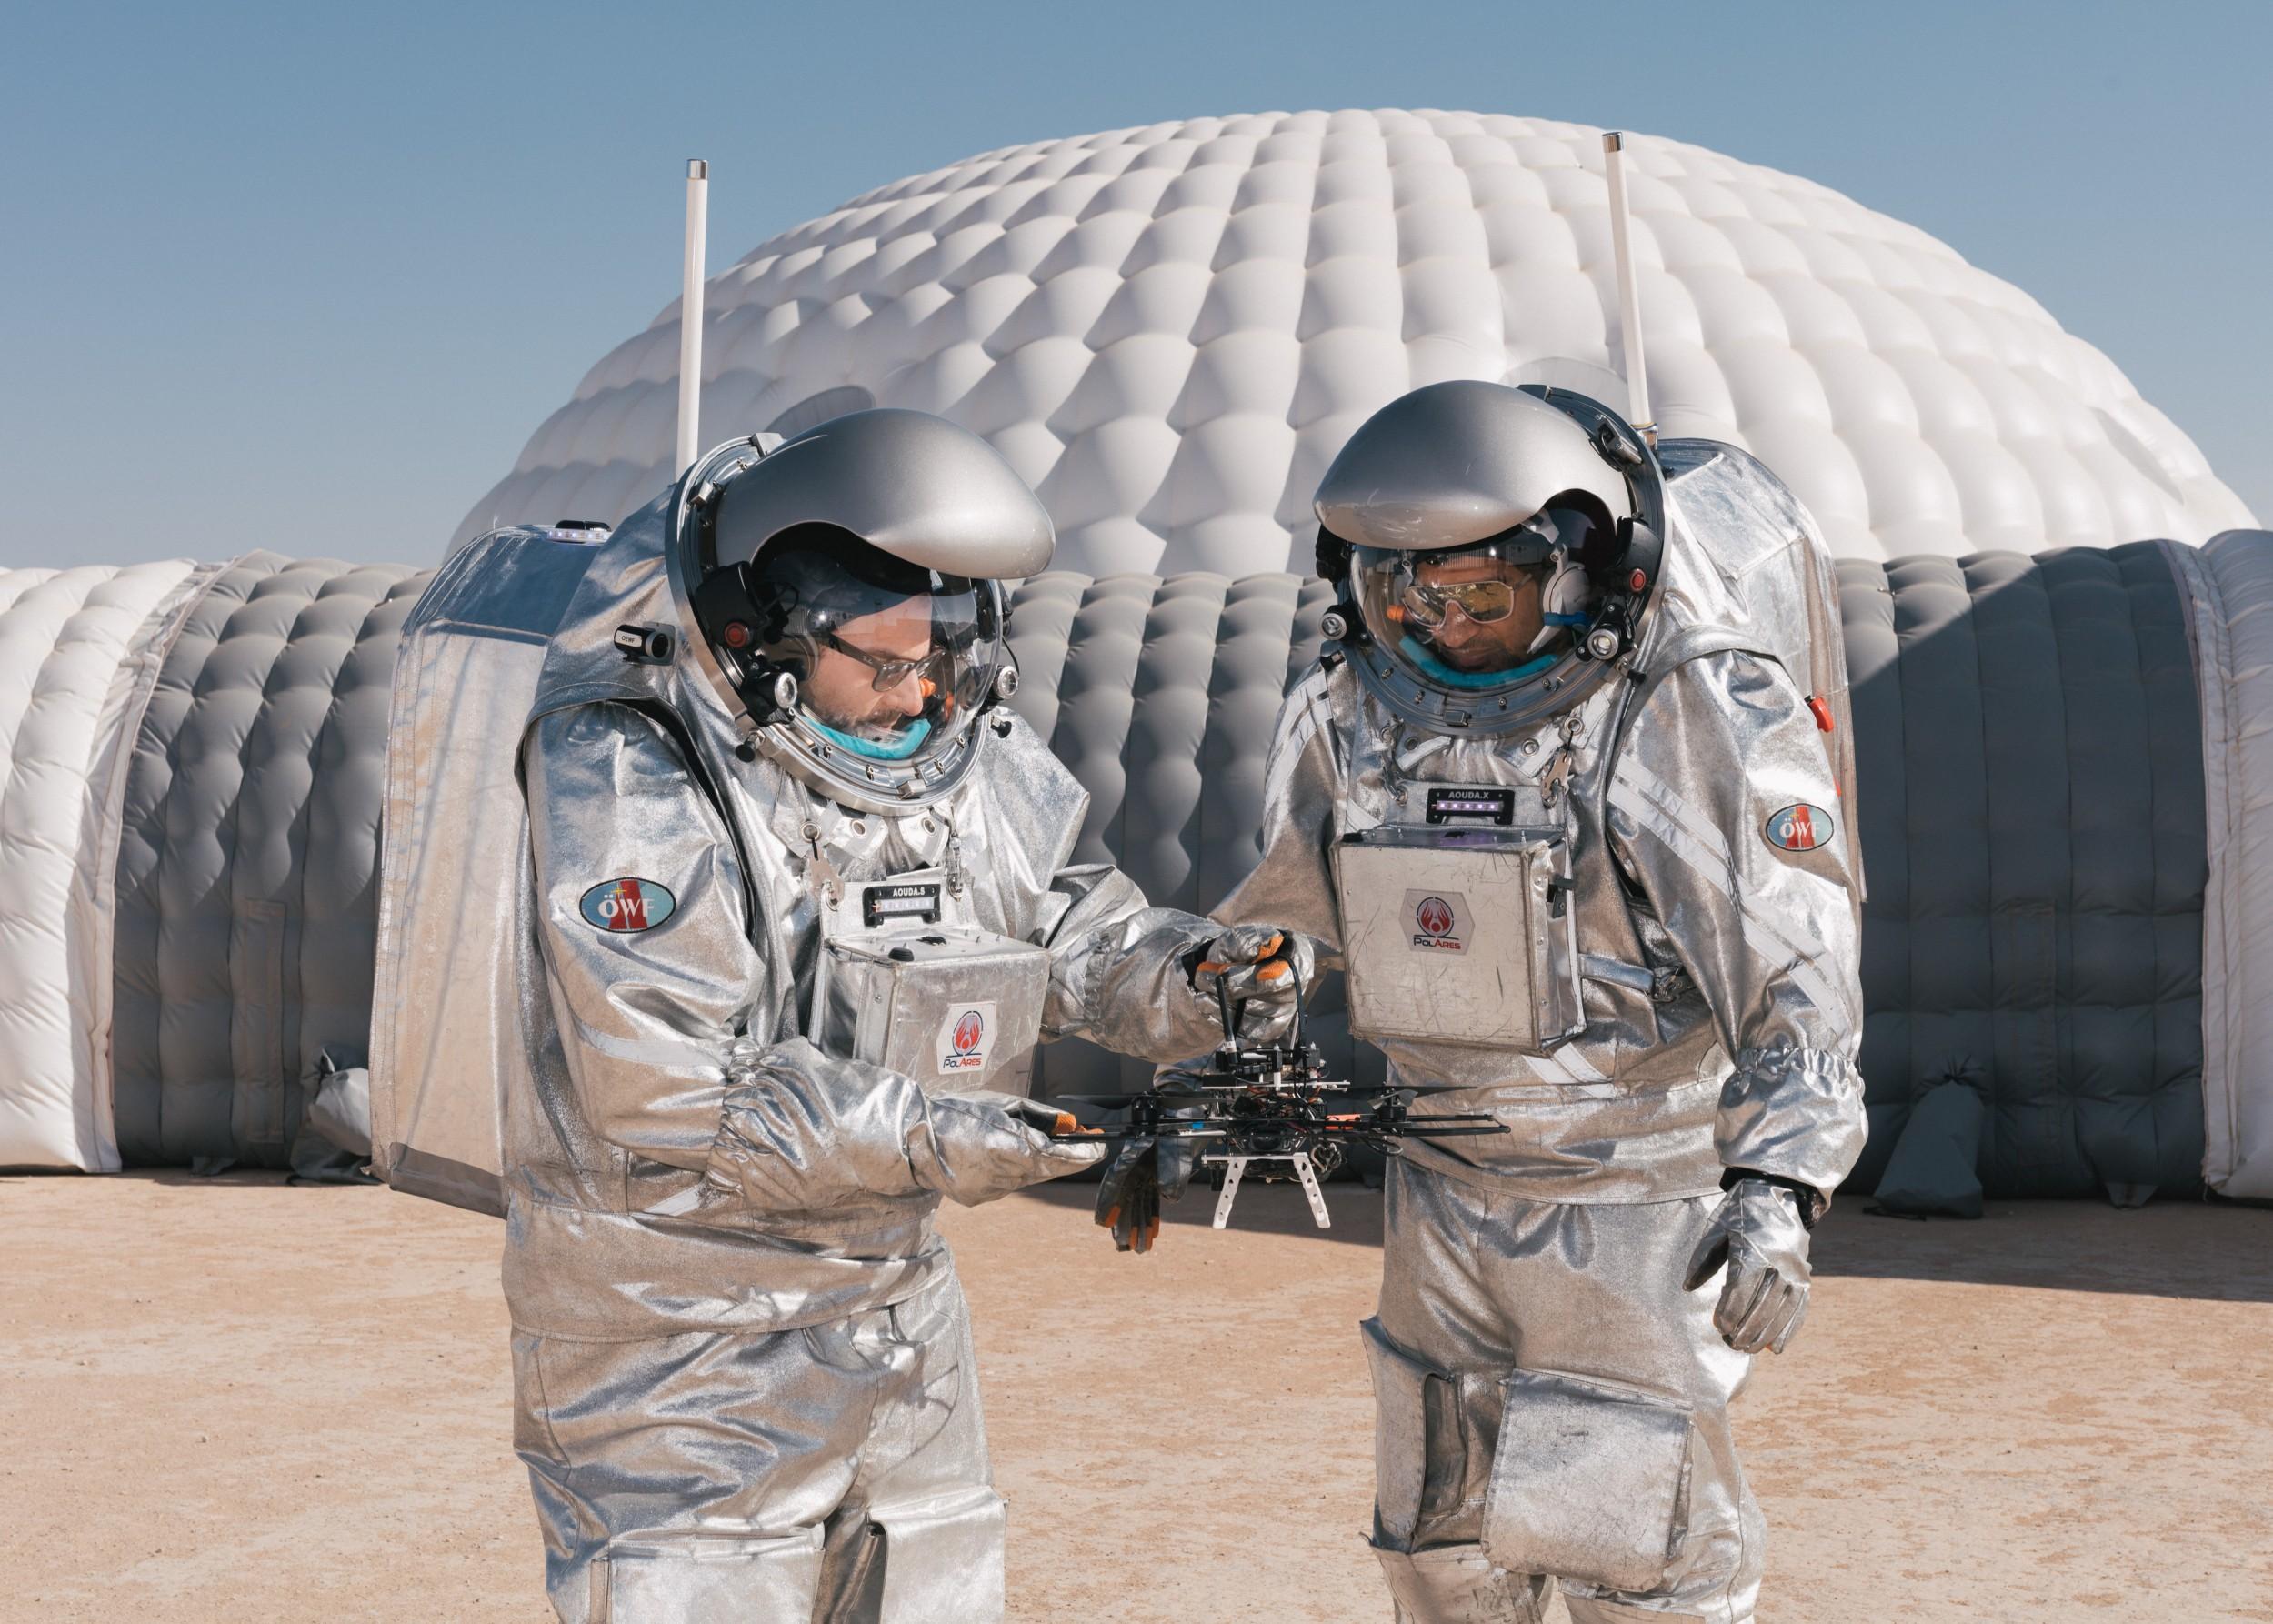 Erster Mars-Helikopter der NASA landet am 18. Februar 2021